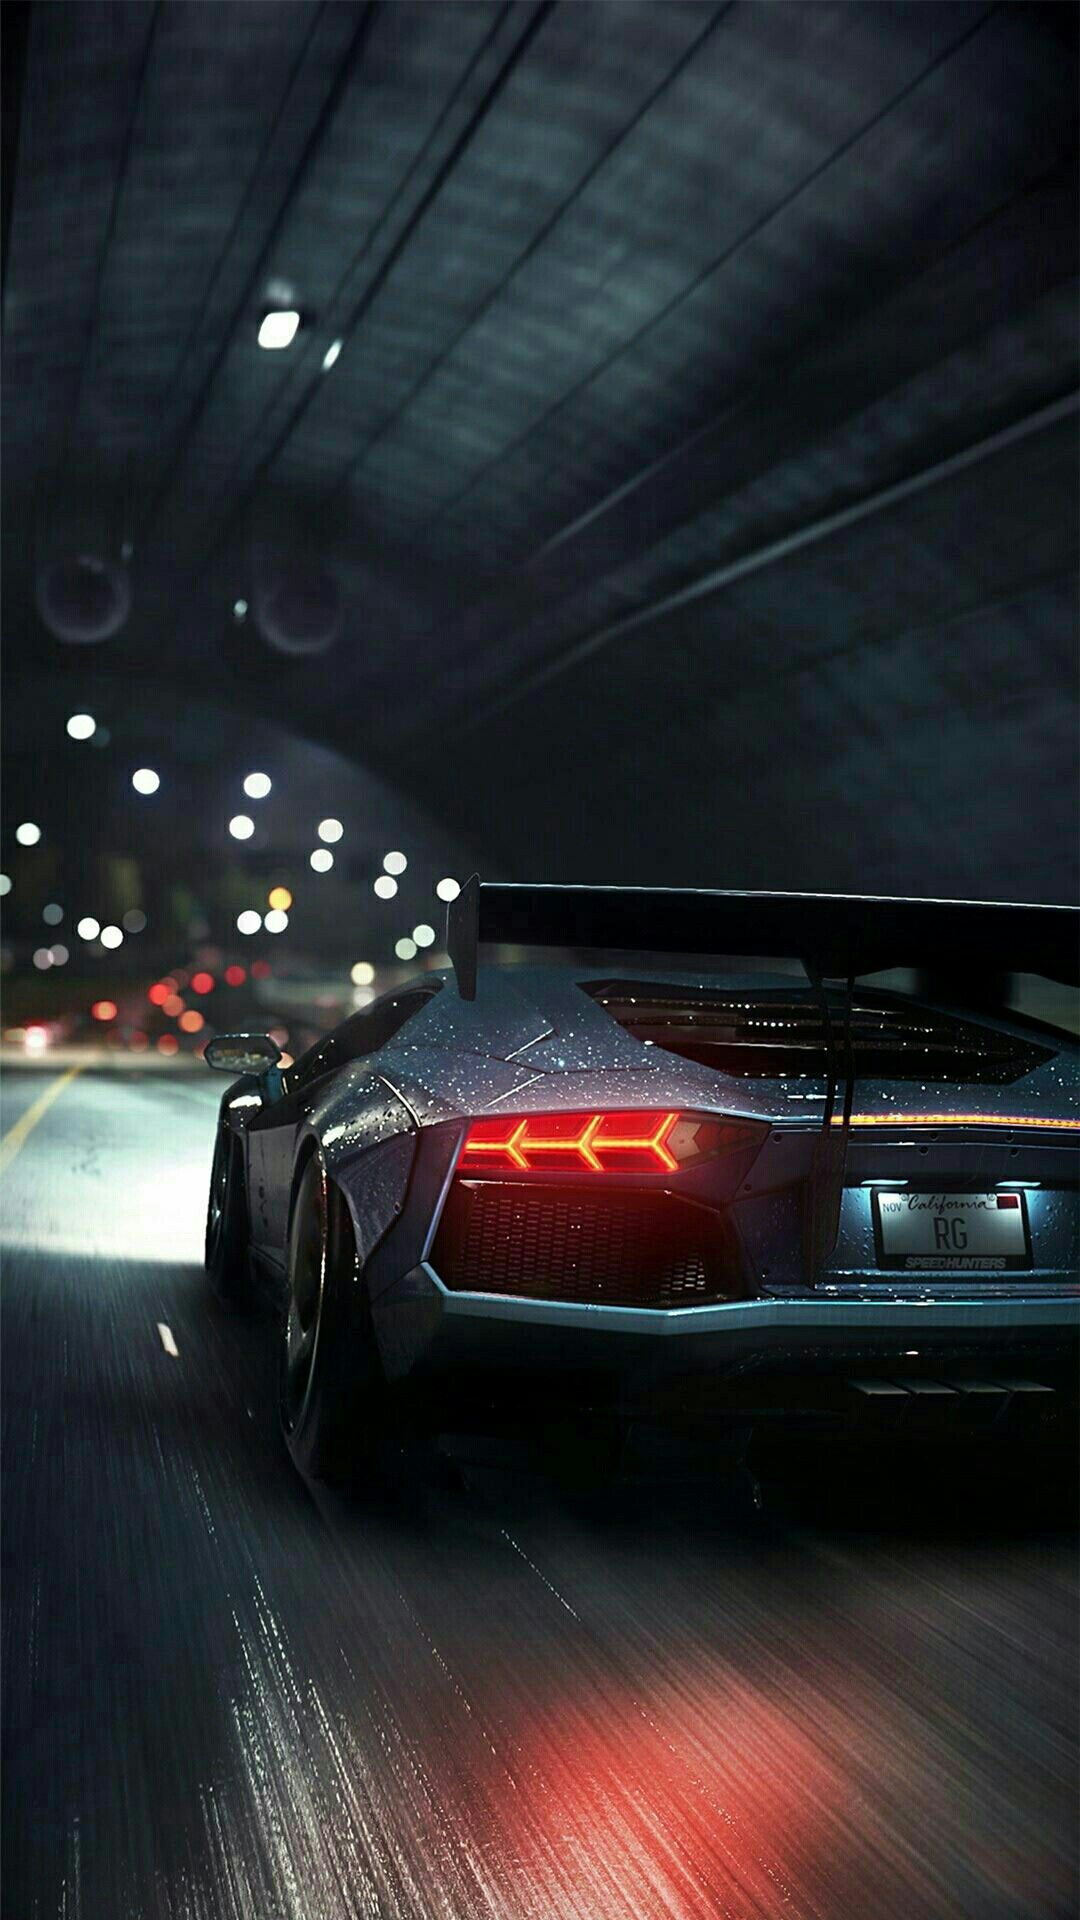 Lamborghini Aventador With Images Lamborghini Cars Fast